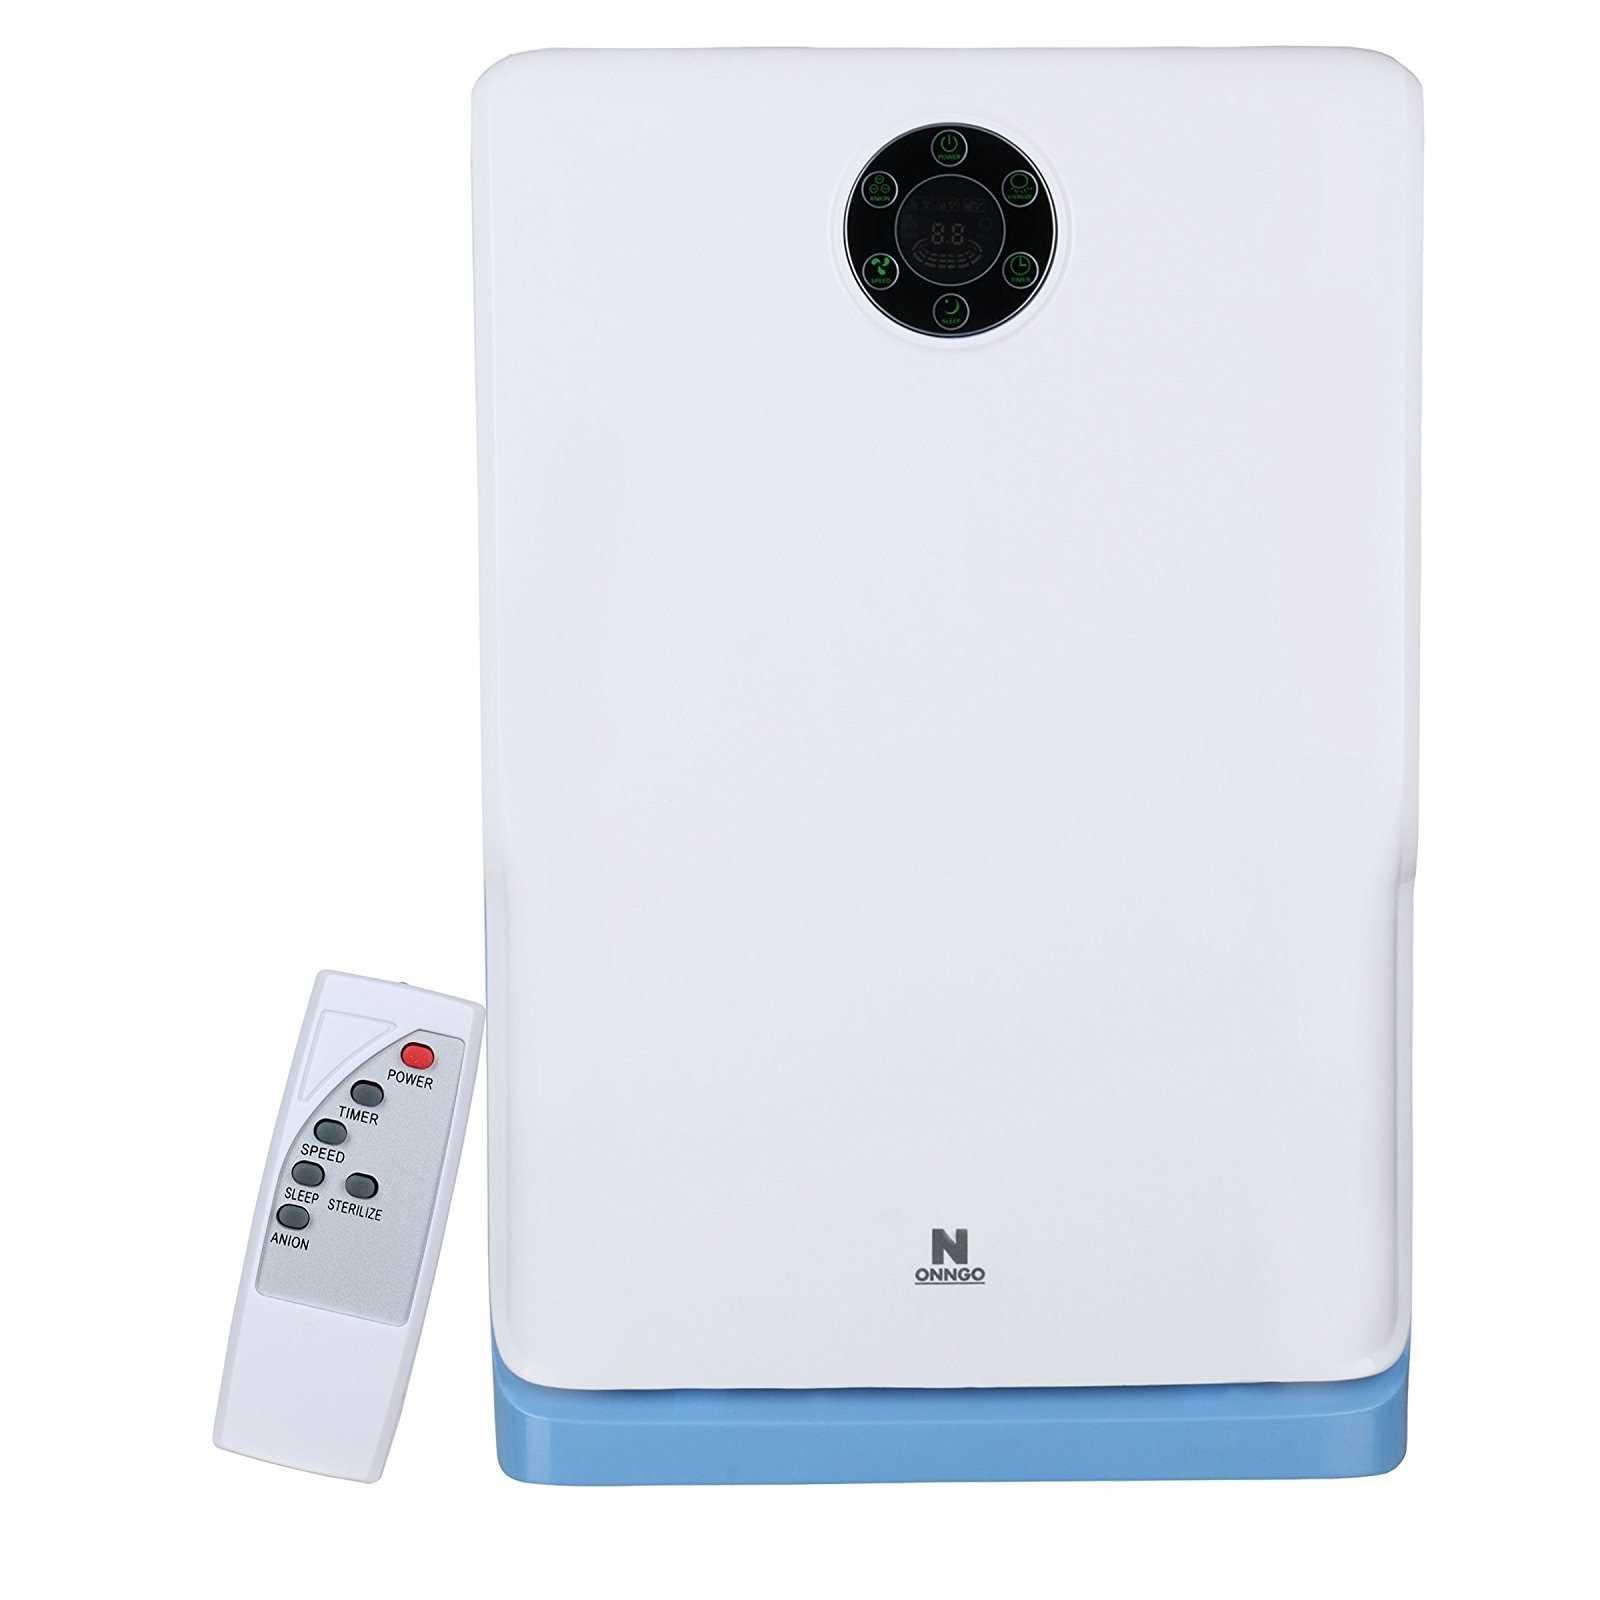 Onngo K02 Room Air Purifier